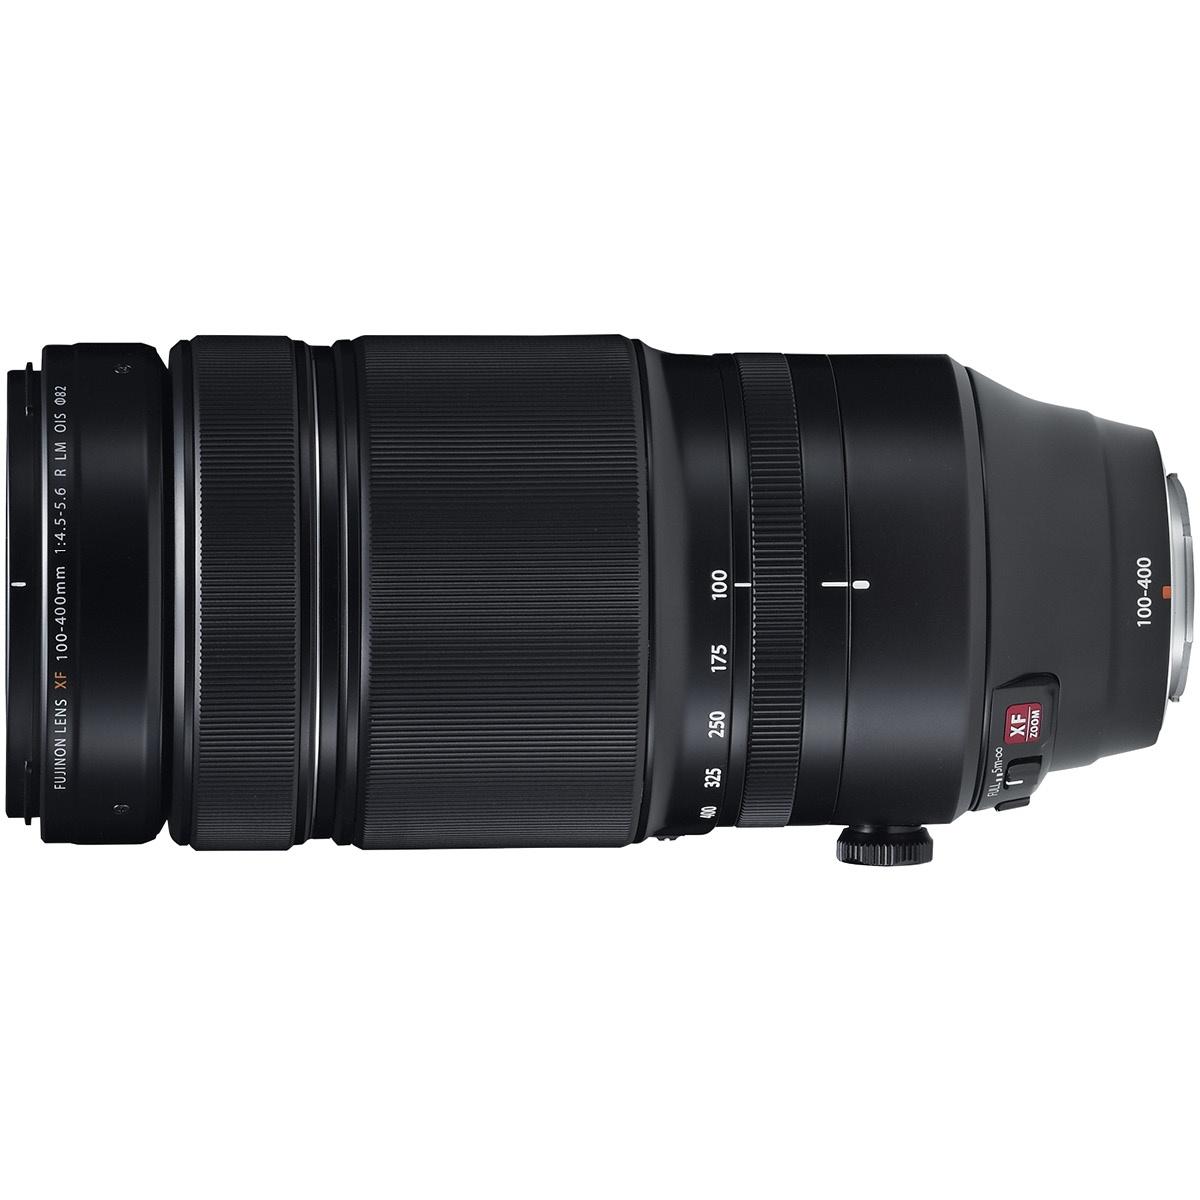 Fujifilm XF 100-400 mm 1:4,5-5,6 R LM OIS WR